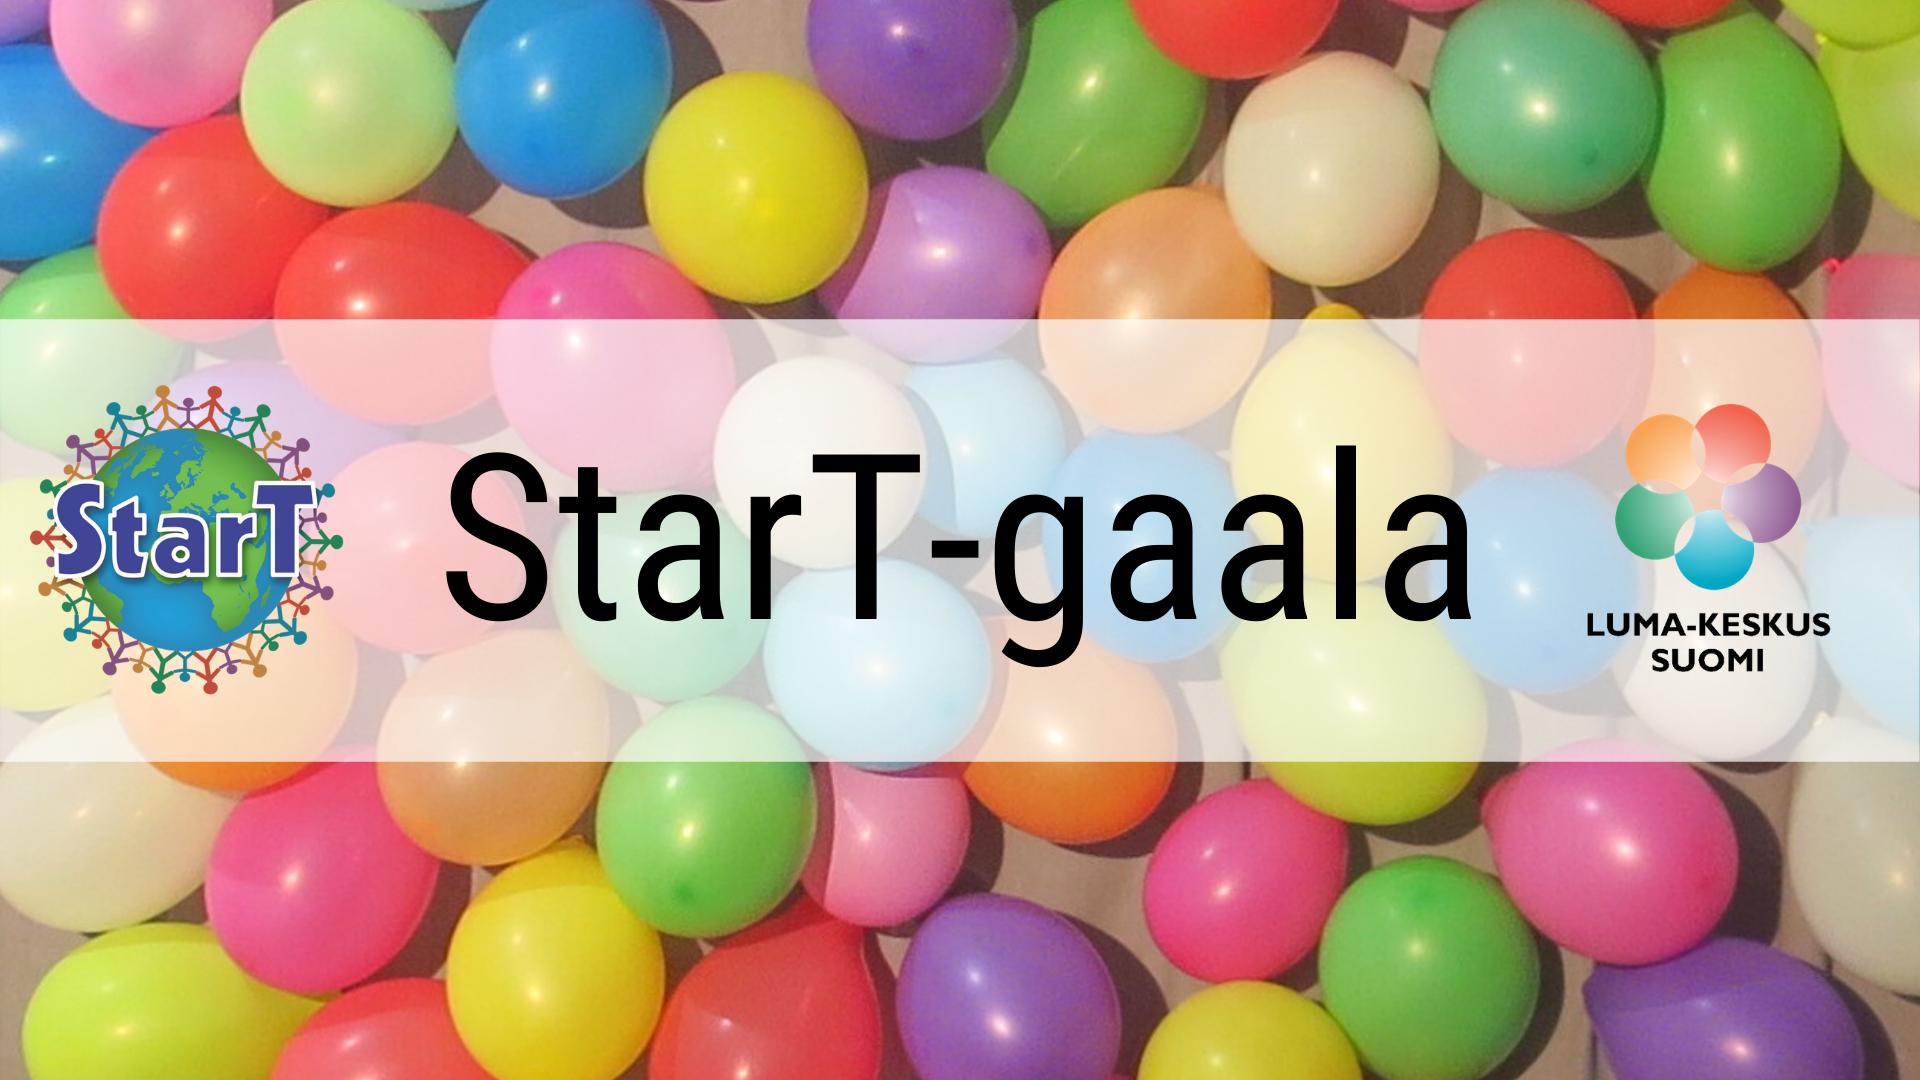 StarT-gaala -teksti ilmapallotaustan päällä.